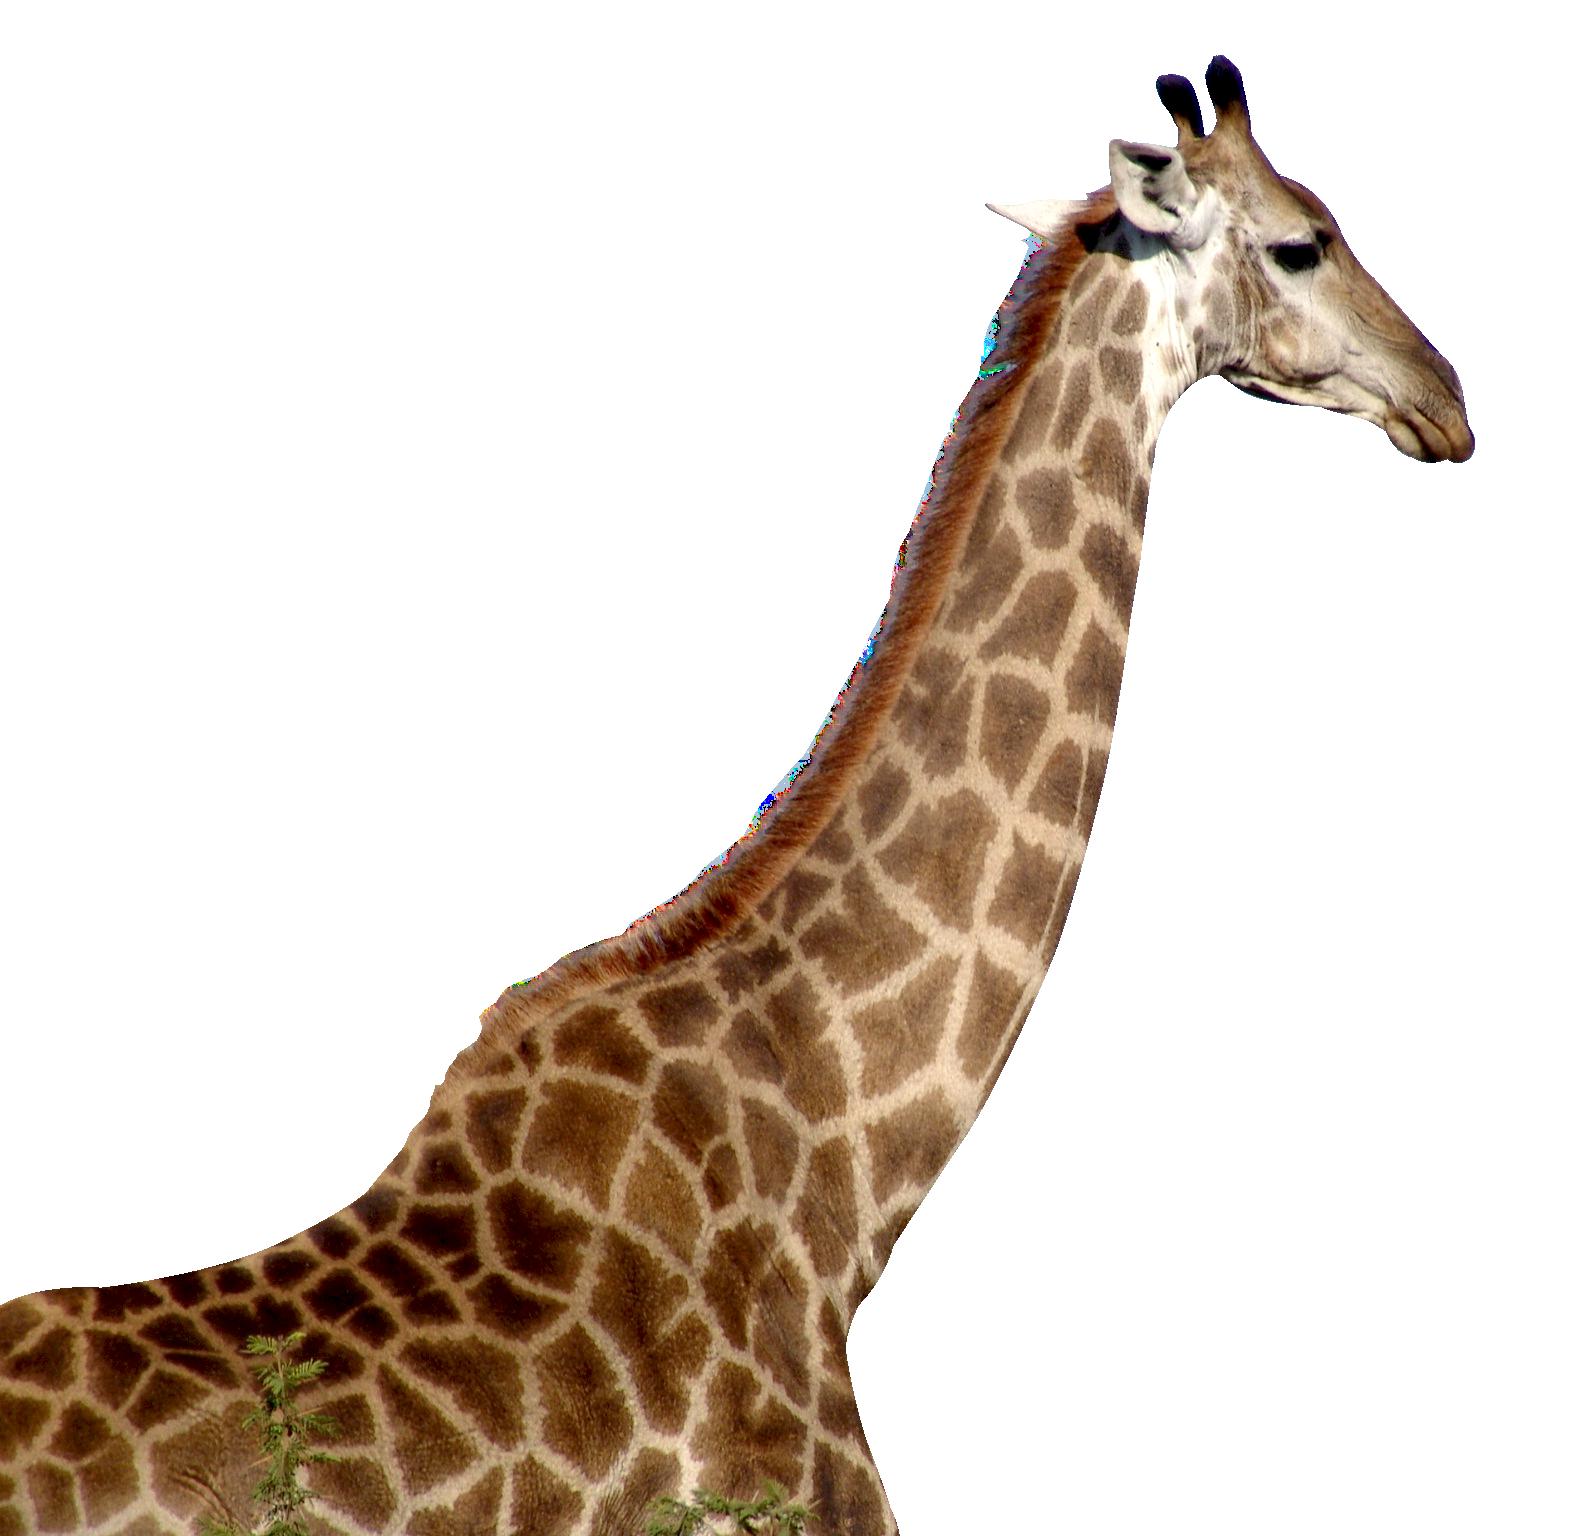 Giraffe HD PNG - 119707